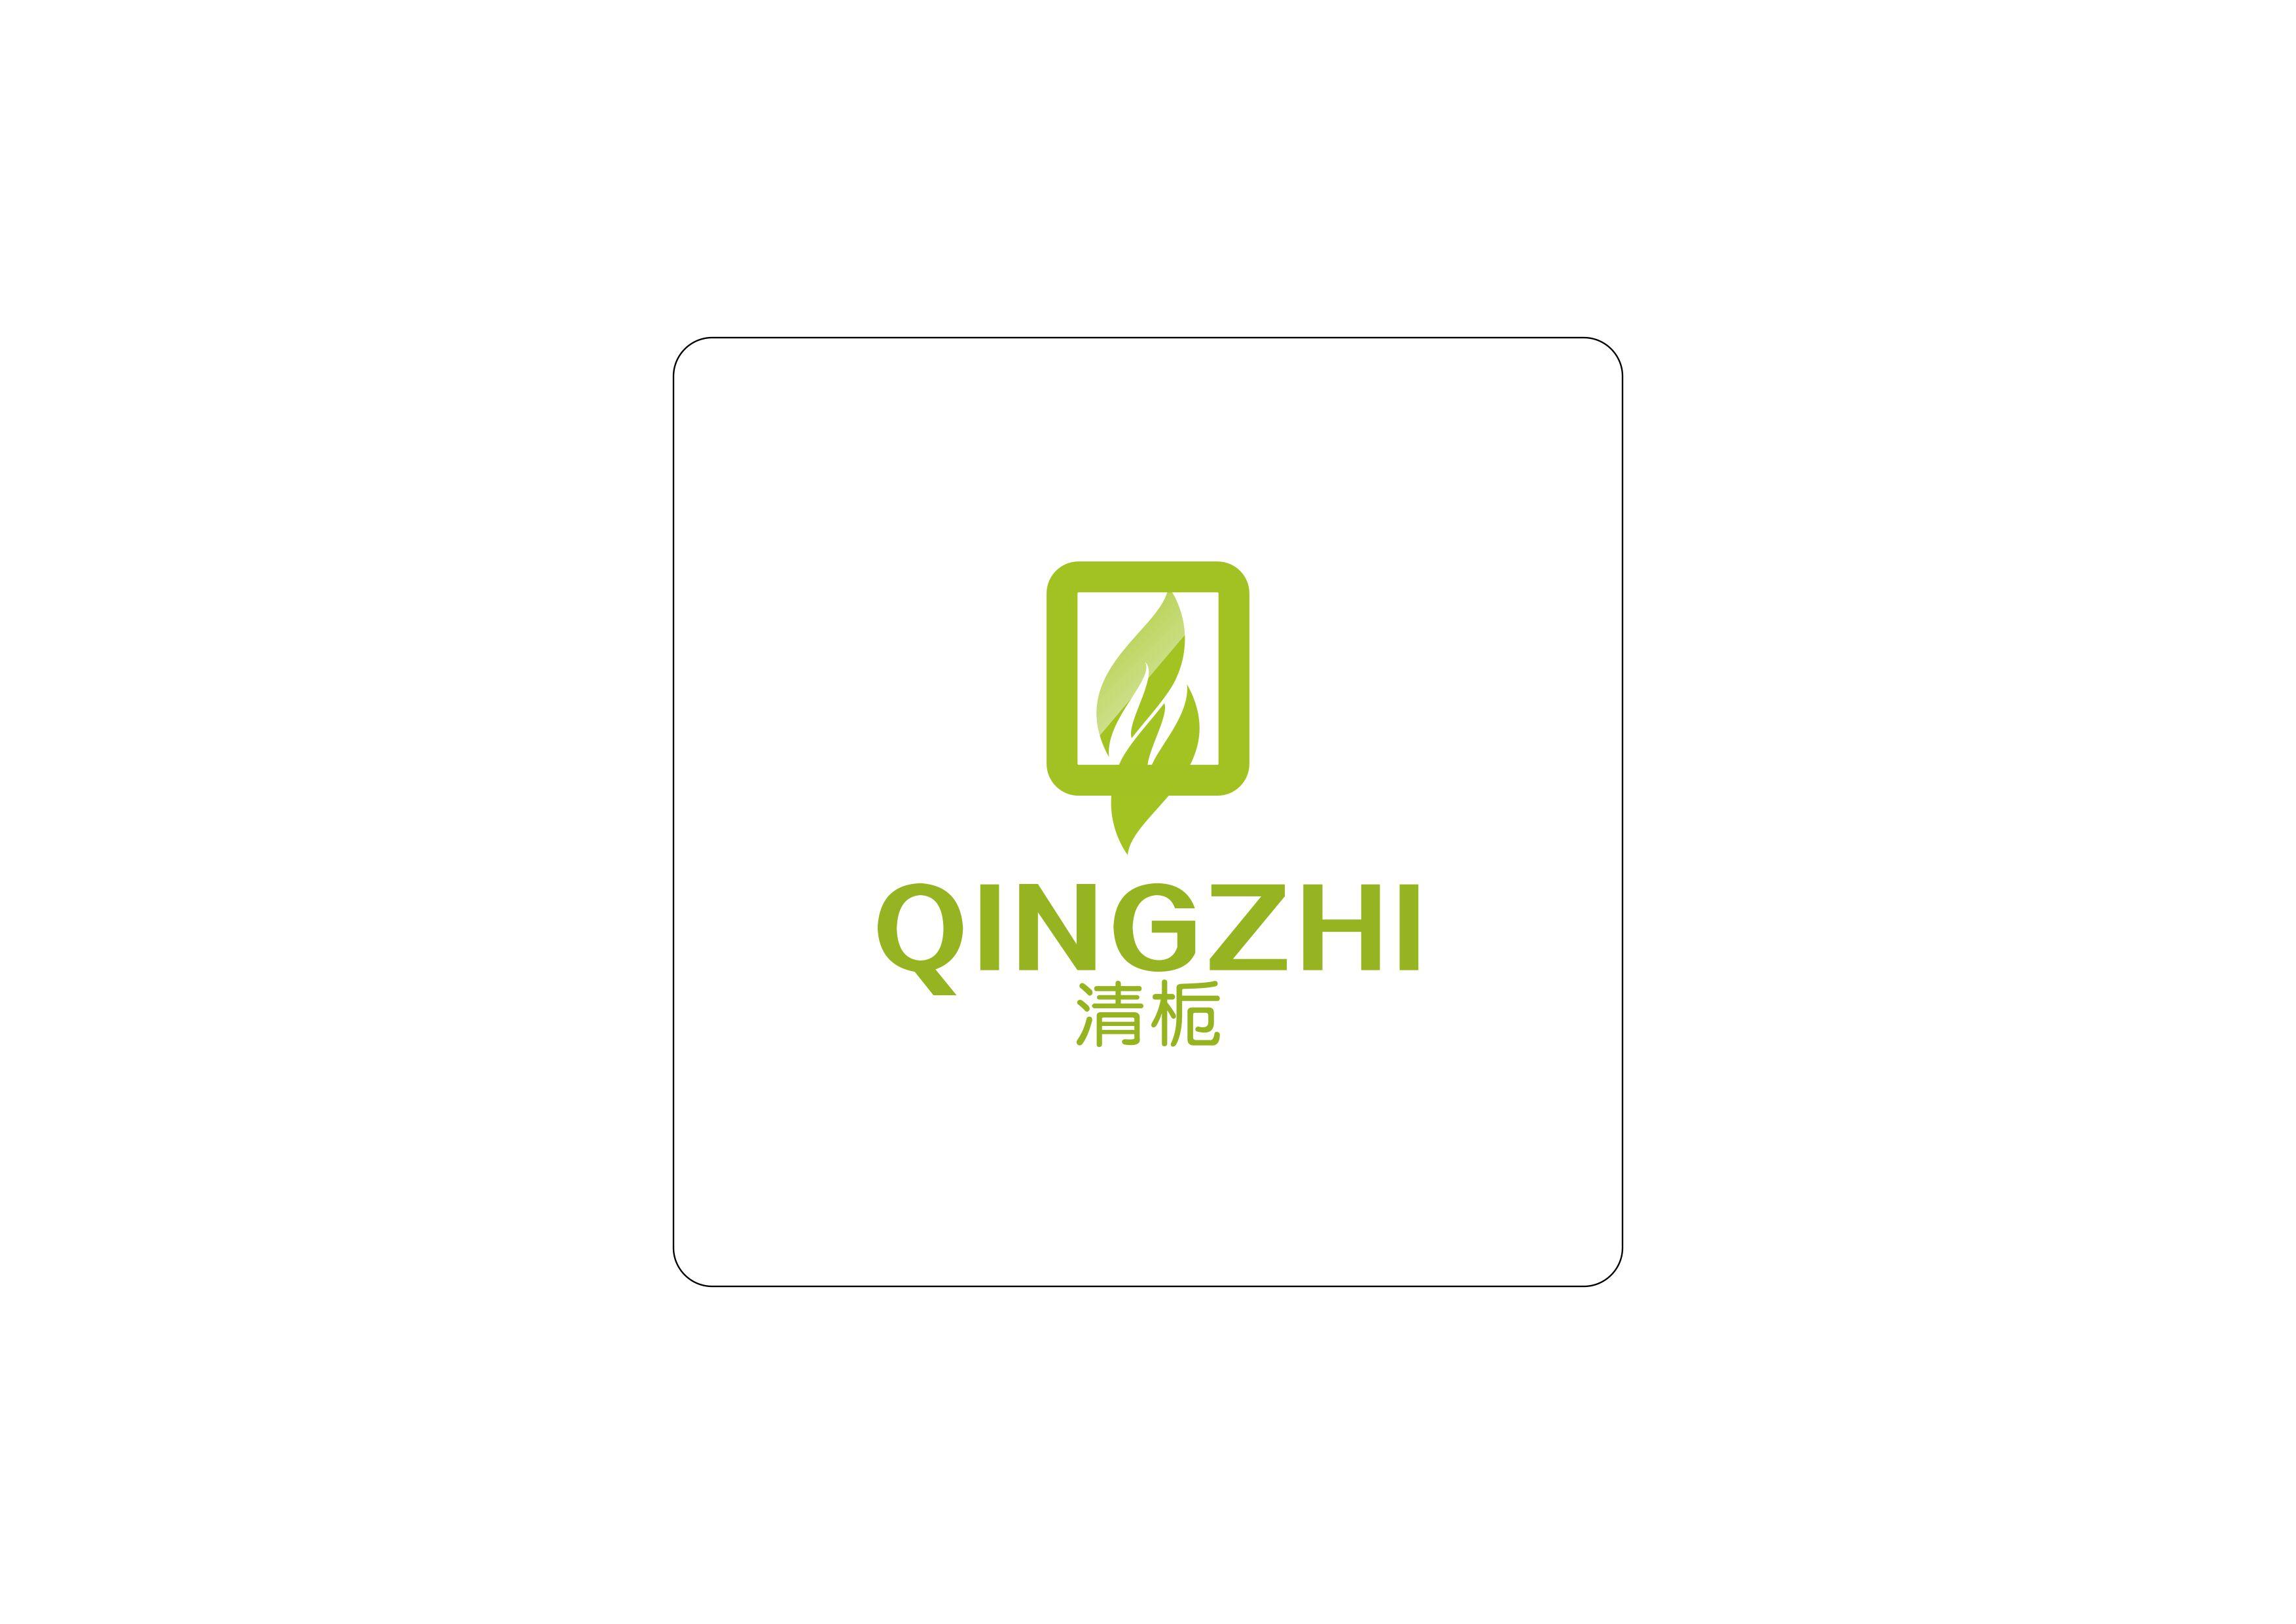 郑州净创环保科技有限公司